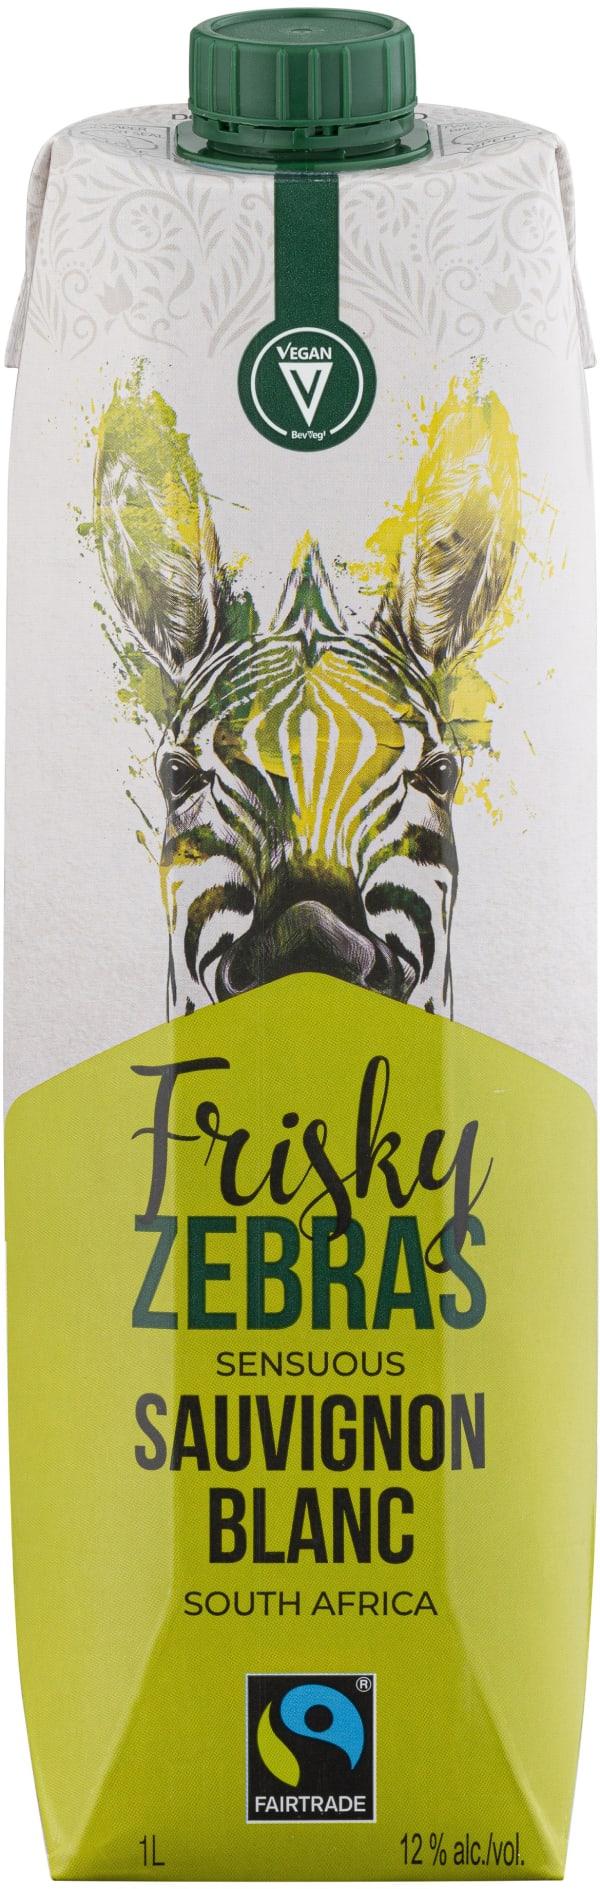 Frisky Zebras Sensuous Sauvignon Blanc kartongförpackning